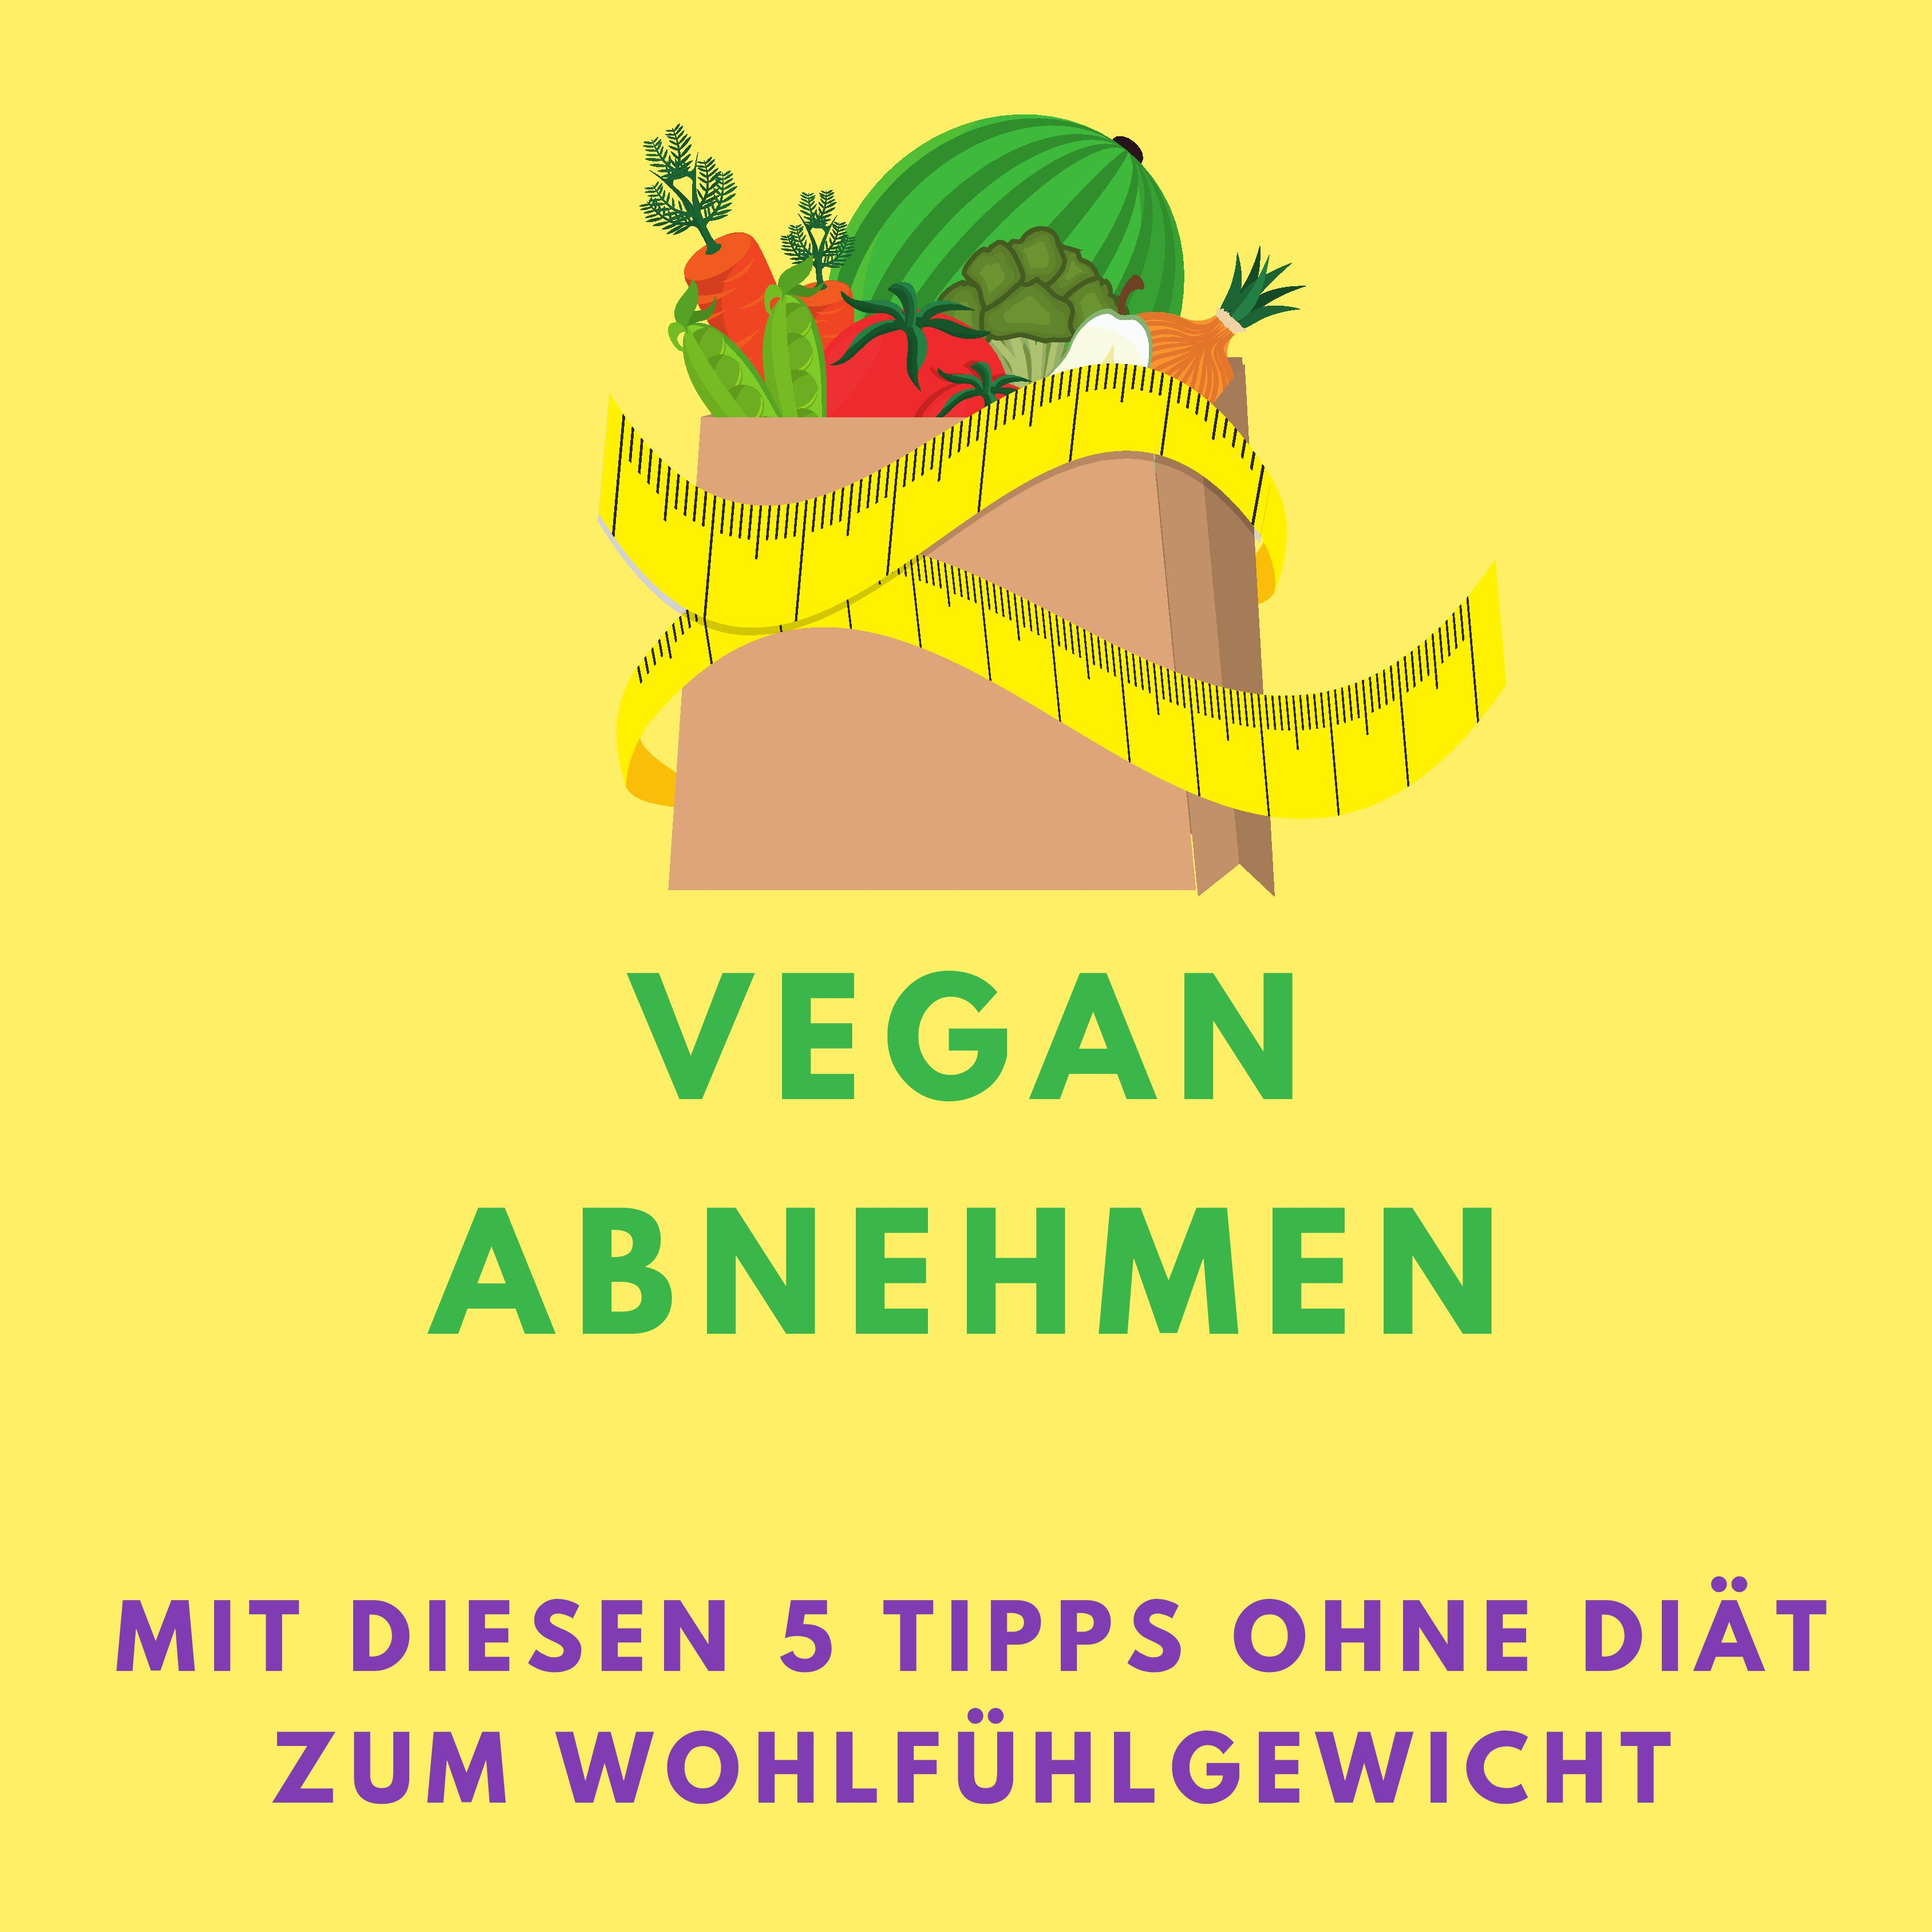 Vegan abnehmen-Abnehmen-Ernährungsplan abnehmen-Gewichtsverlust-Idealgewicht-Wohlfühlgewicht